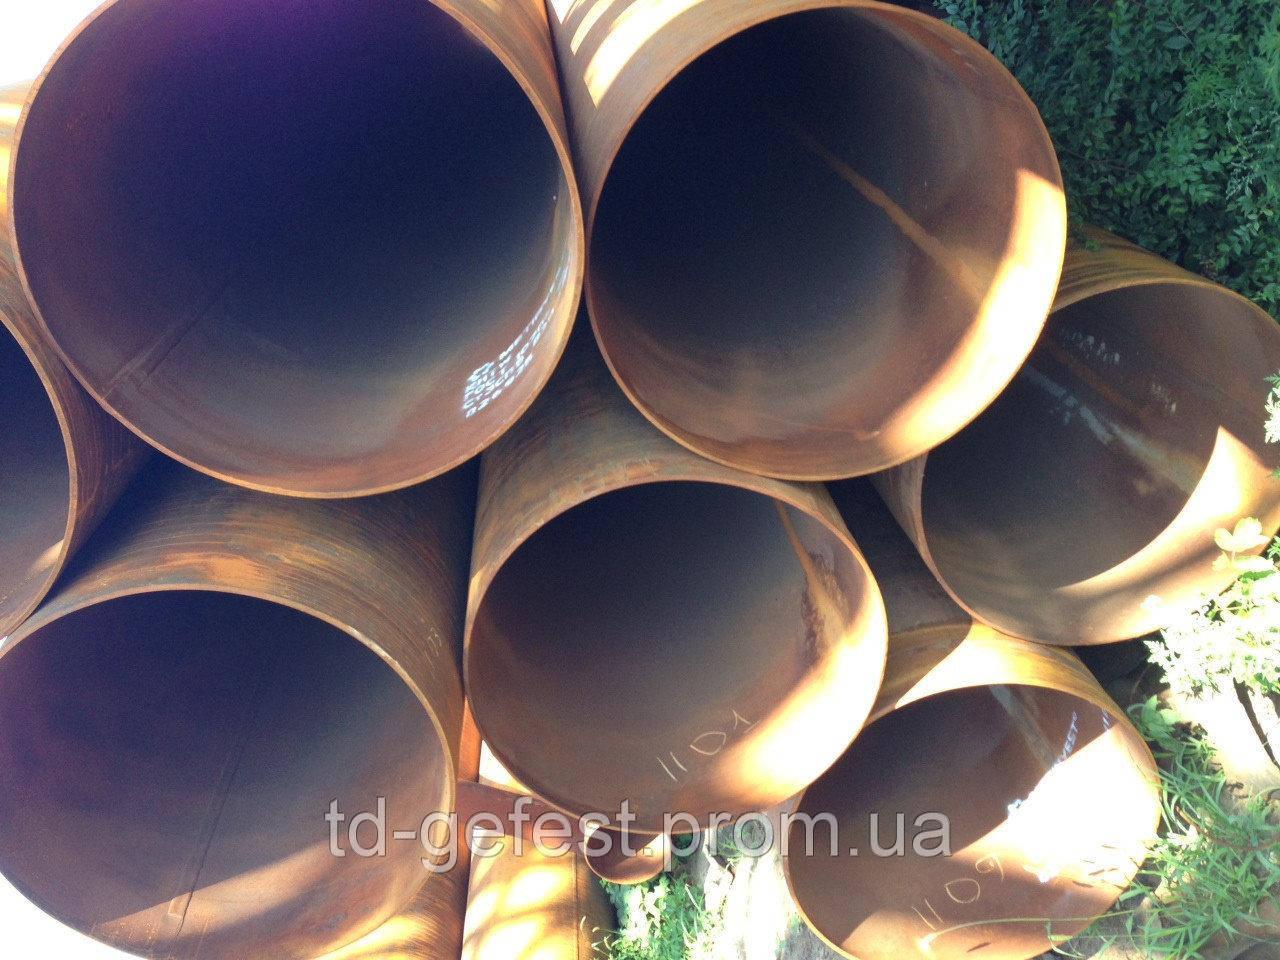 Труба Стальная 325х14 Сварная